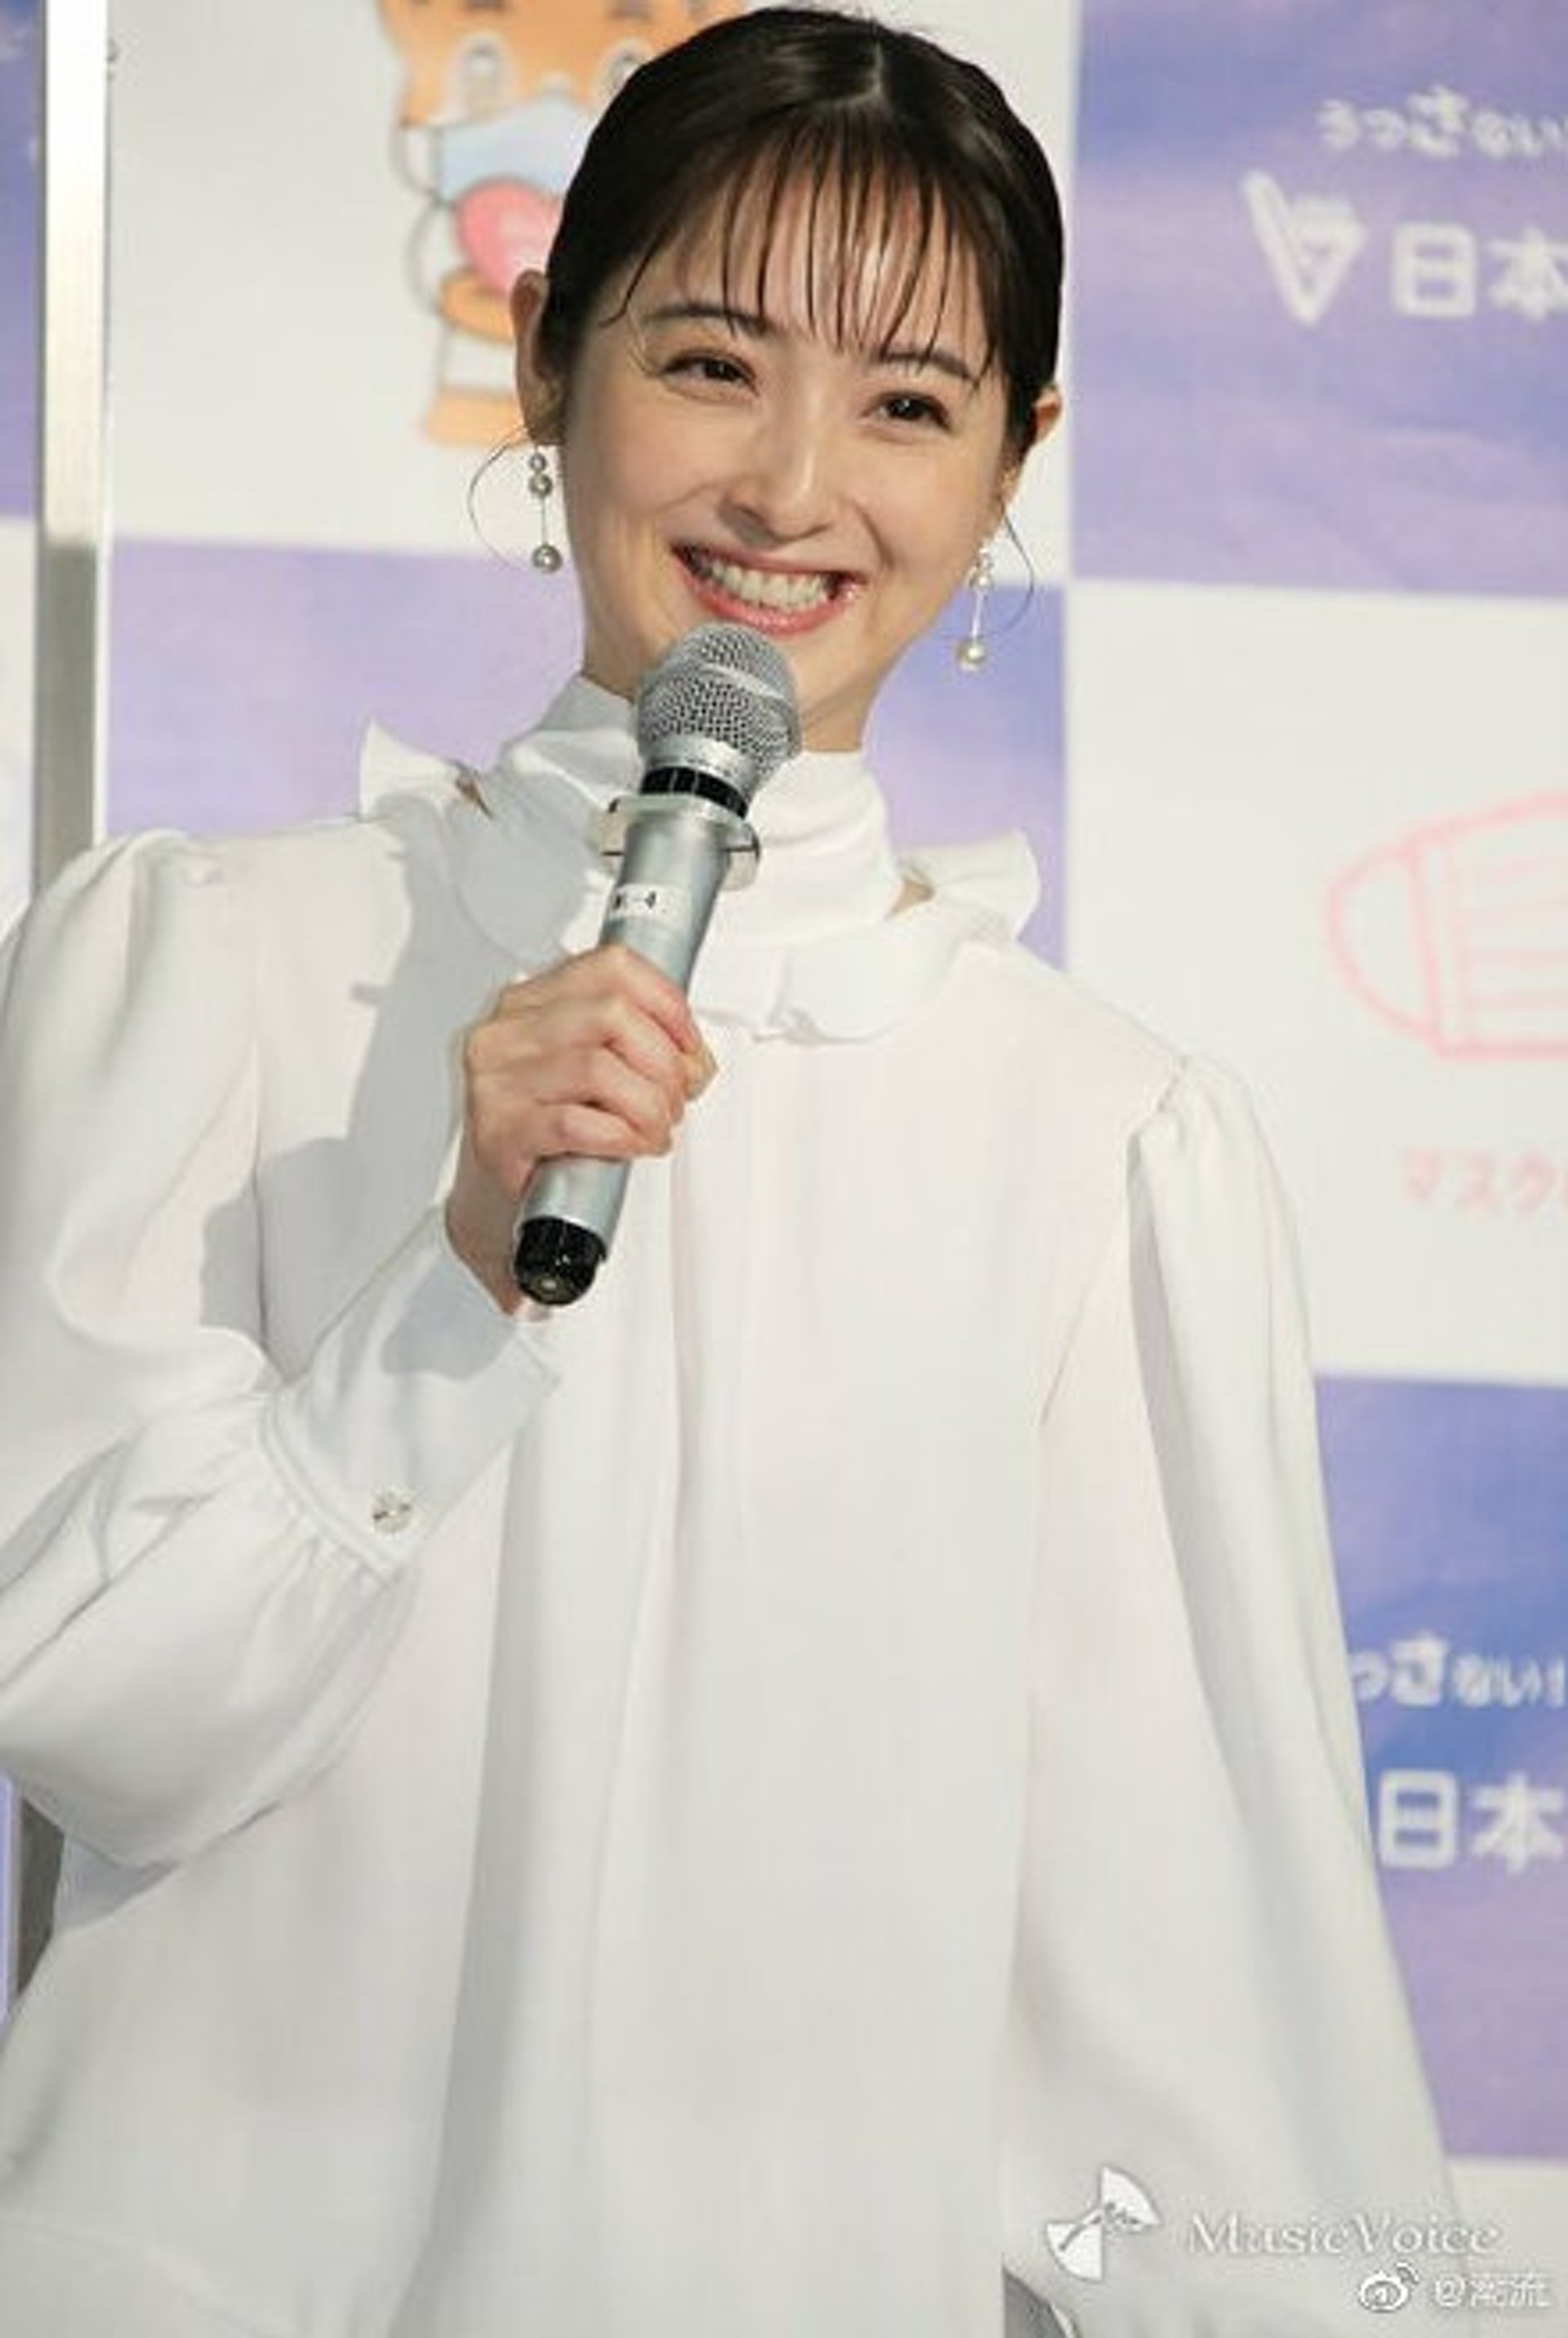 日前佐佐木希出席公開活動,但就被指樣貌憔悴,更驚現魚尾紋!(微博@潮流)